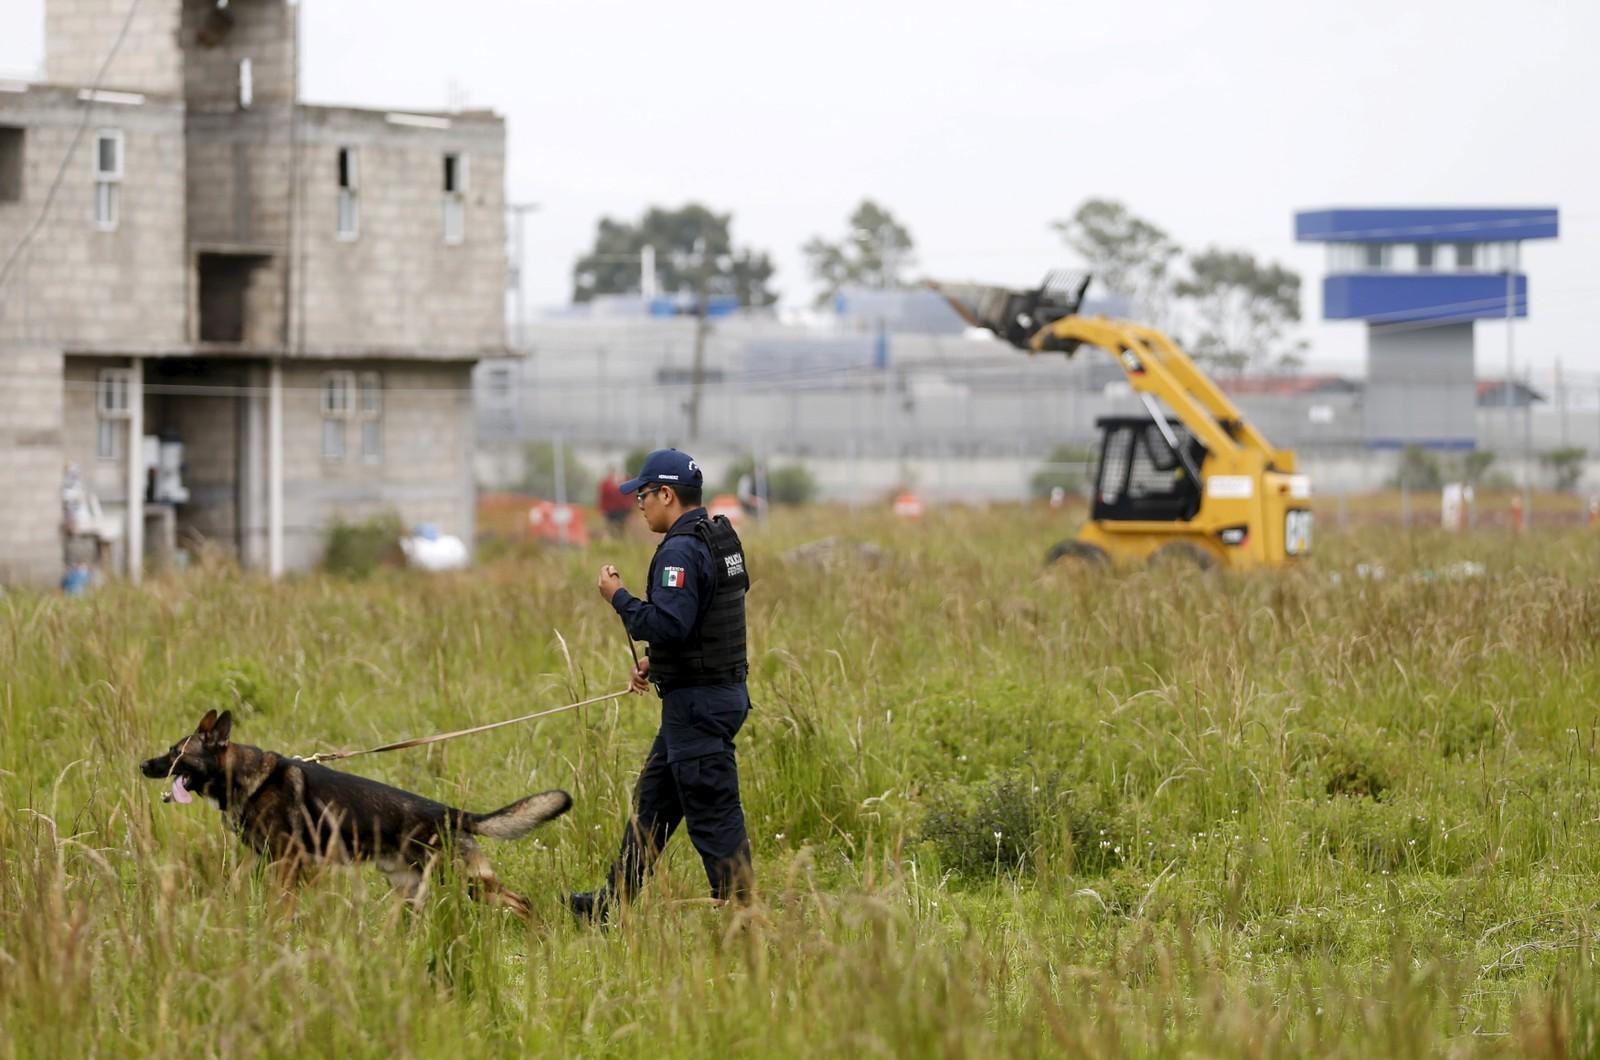 En politipatrulje med hunder leter etter spor utenfor Altiplano-fengselet.